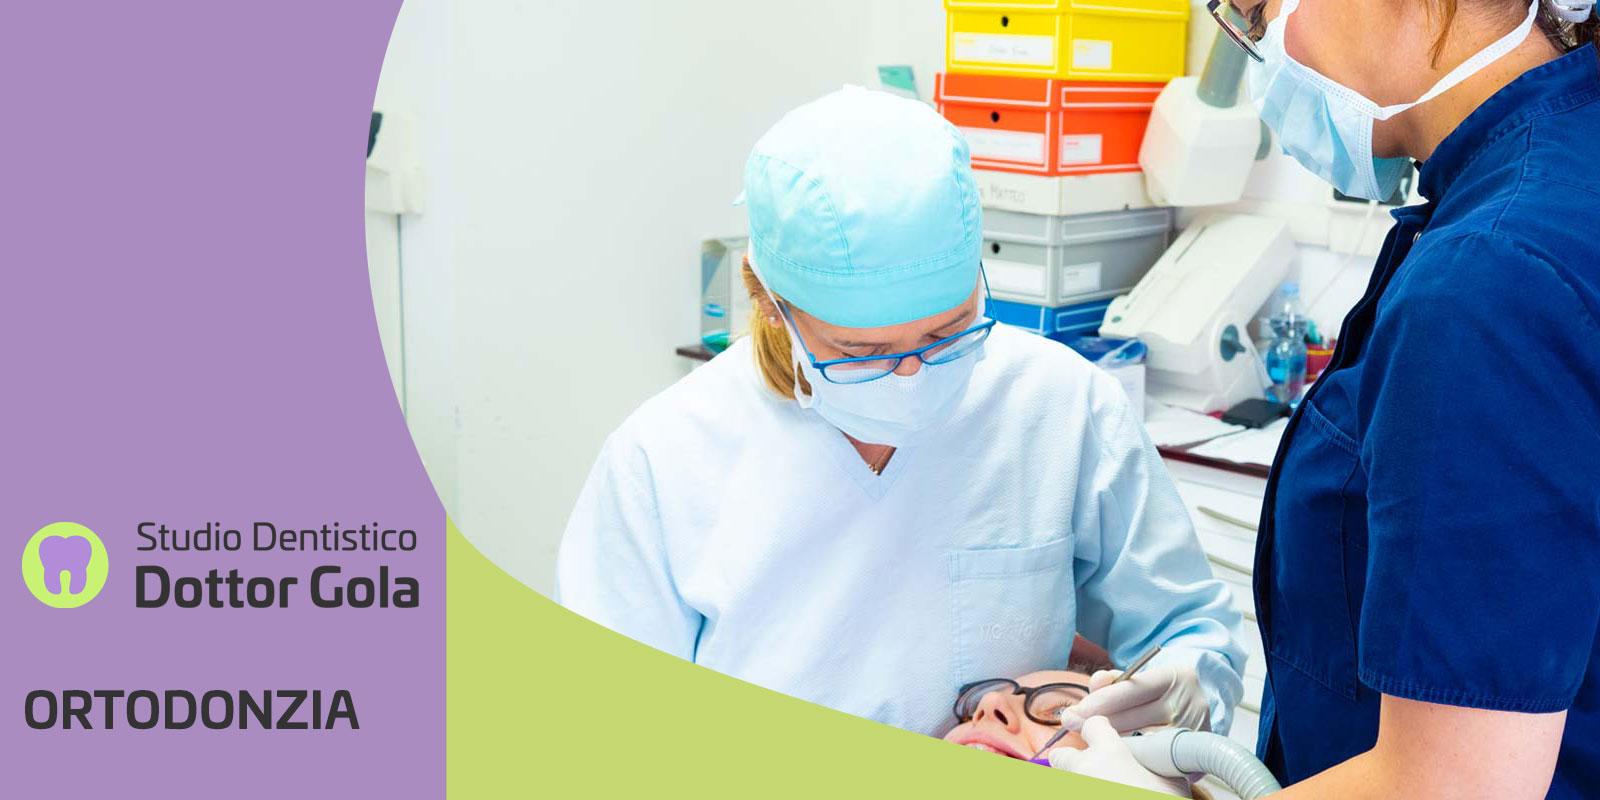 ortodonzia-dentista-gola-casteggio-pavia